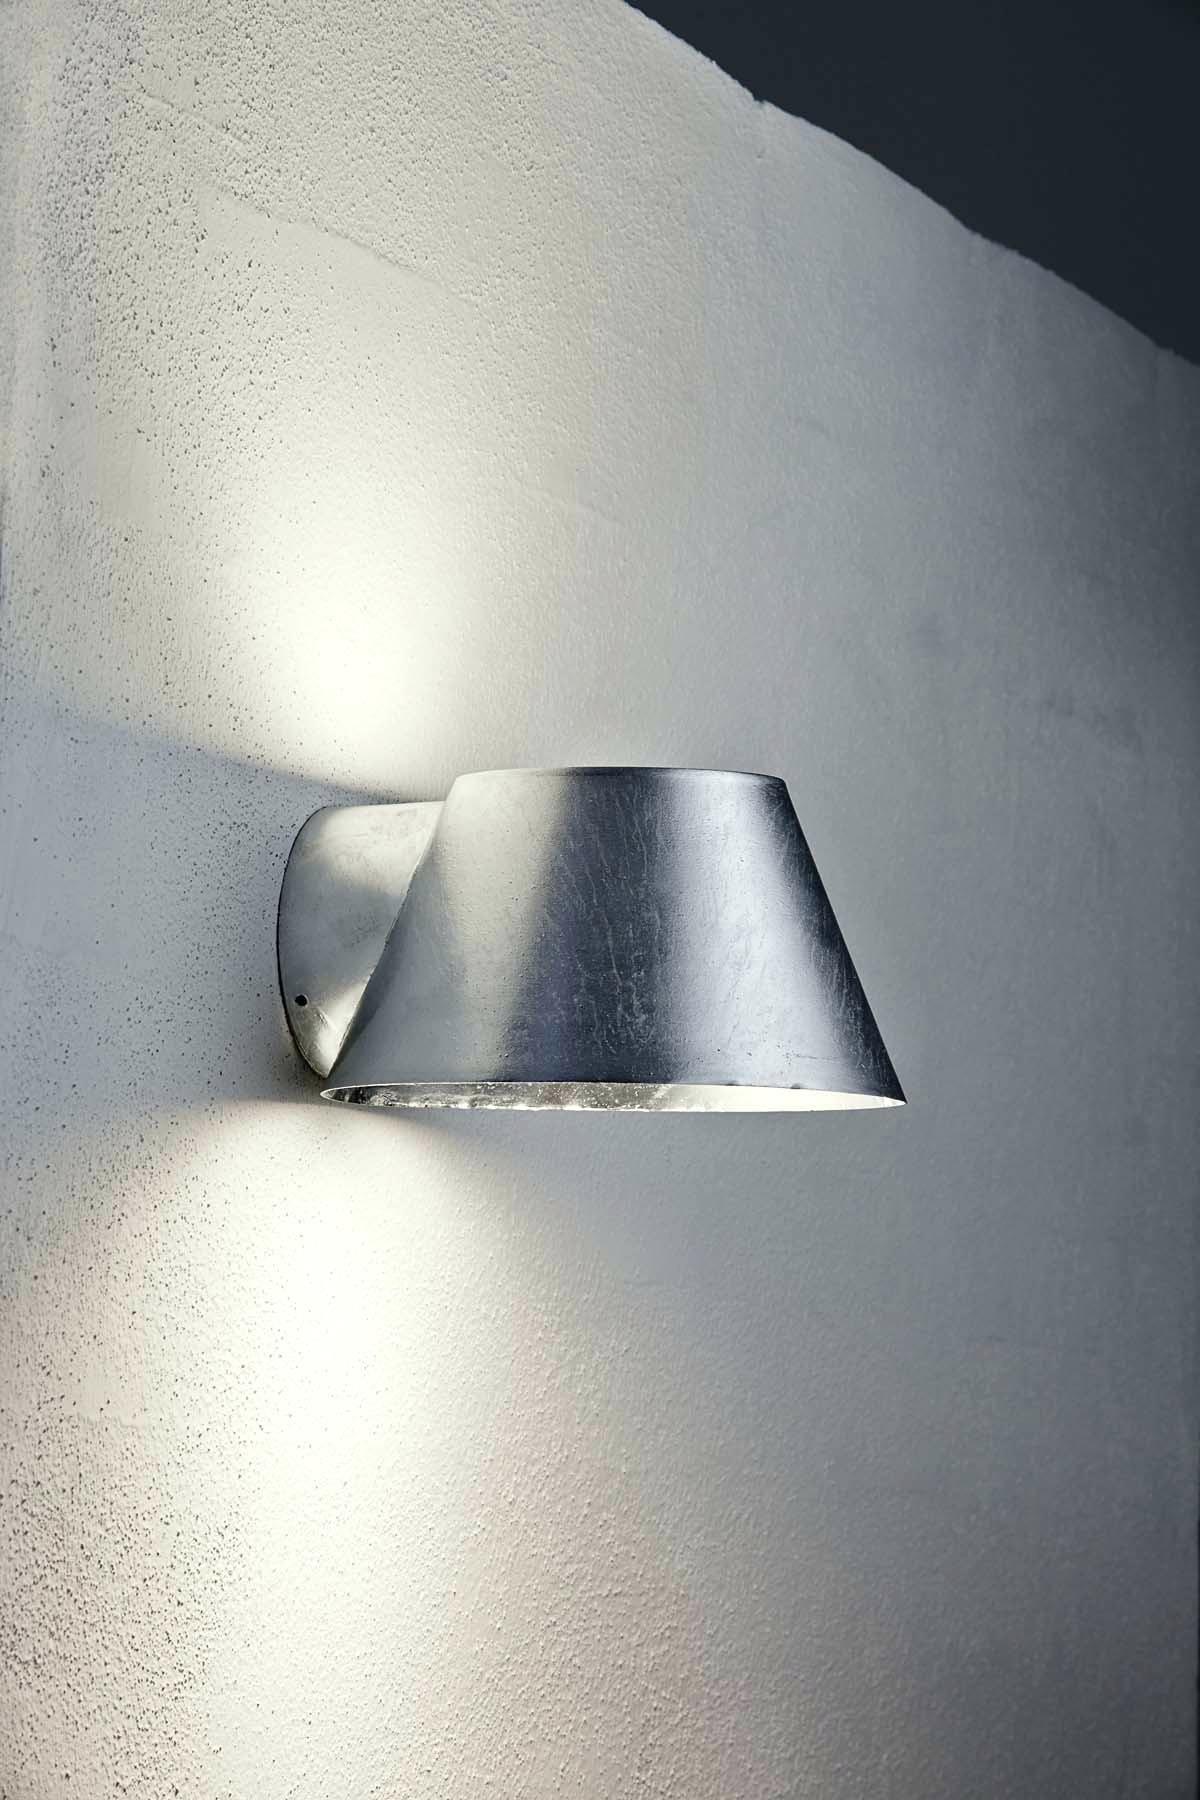 70 Elegante Wand Leuchten Indoor Gemeinsam Haben Eine Stehlampe Mit Einem Up Light Kann Auch Platziert Werden In Der Ecke Led Wall Lights Wall Lights Lights